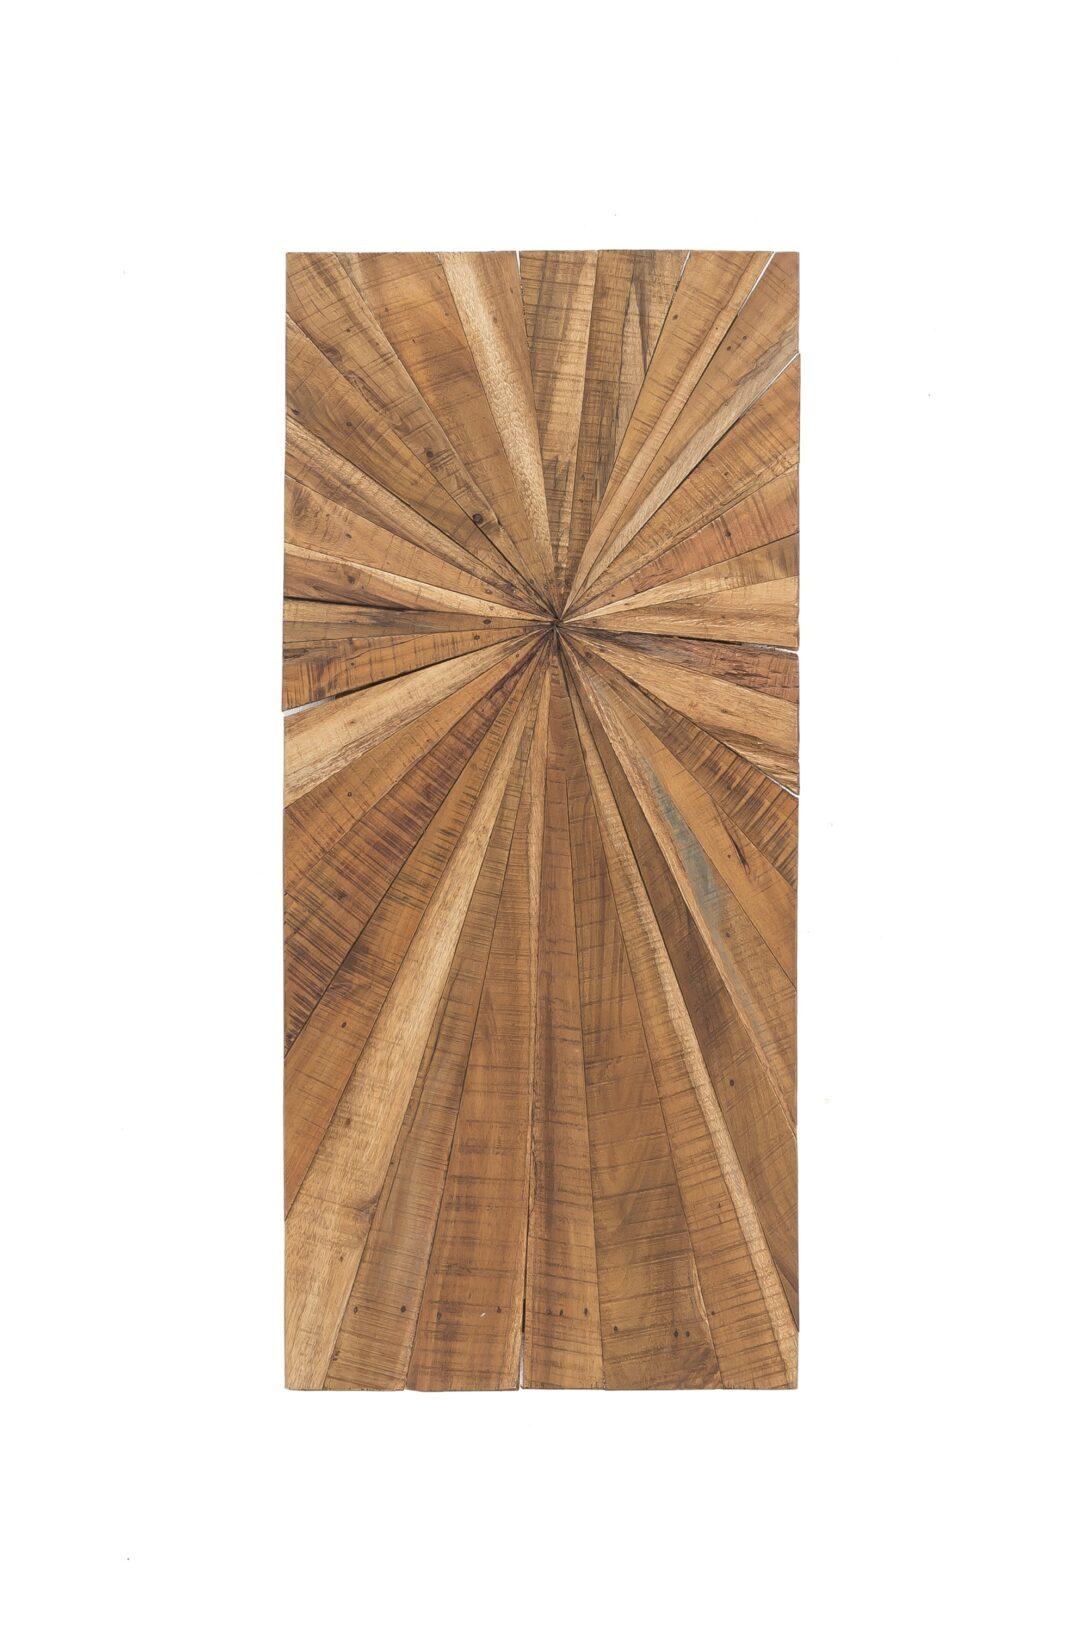 Large Size of Wanddeko Holz Wandbild 100cm Bild Relief Massivholz Handarbeit Esstische Cd Regal Garten Spielhaus Alu Fenster Preise Schlafzimmer Altholz Esstisch Wohnzimmer Wanddeko Holz